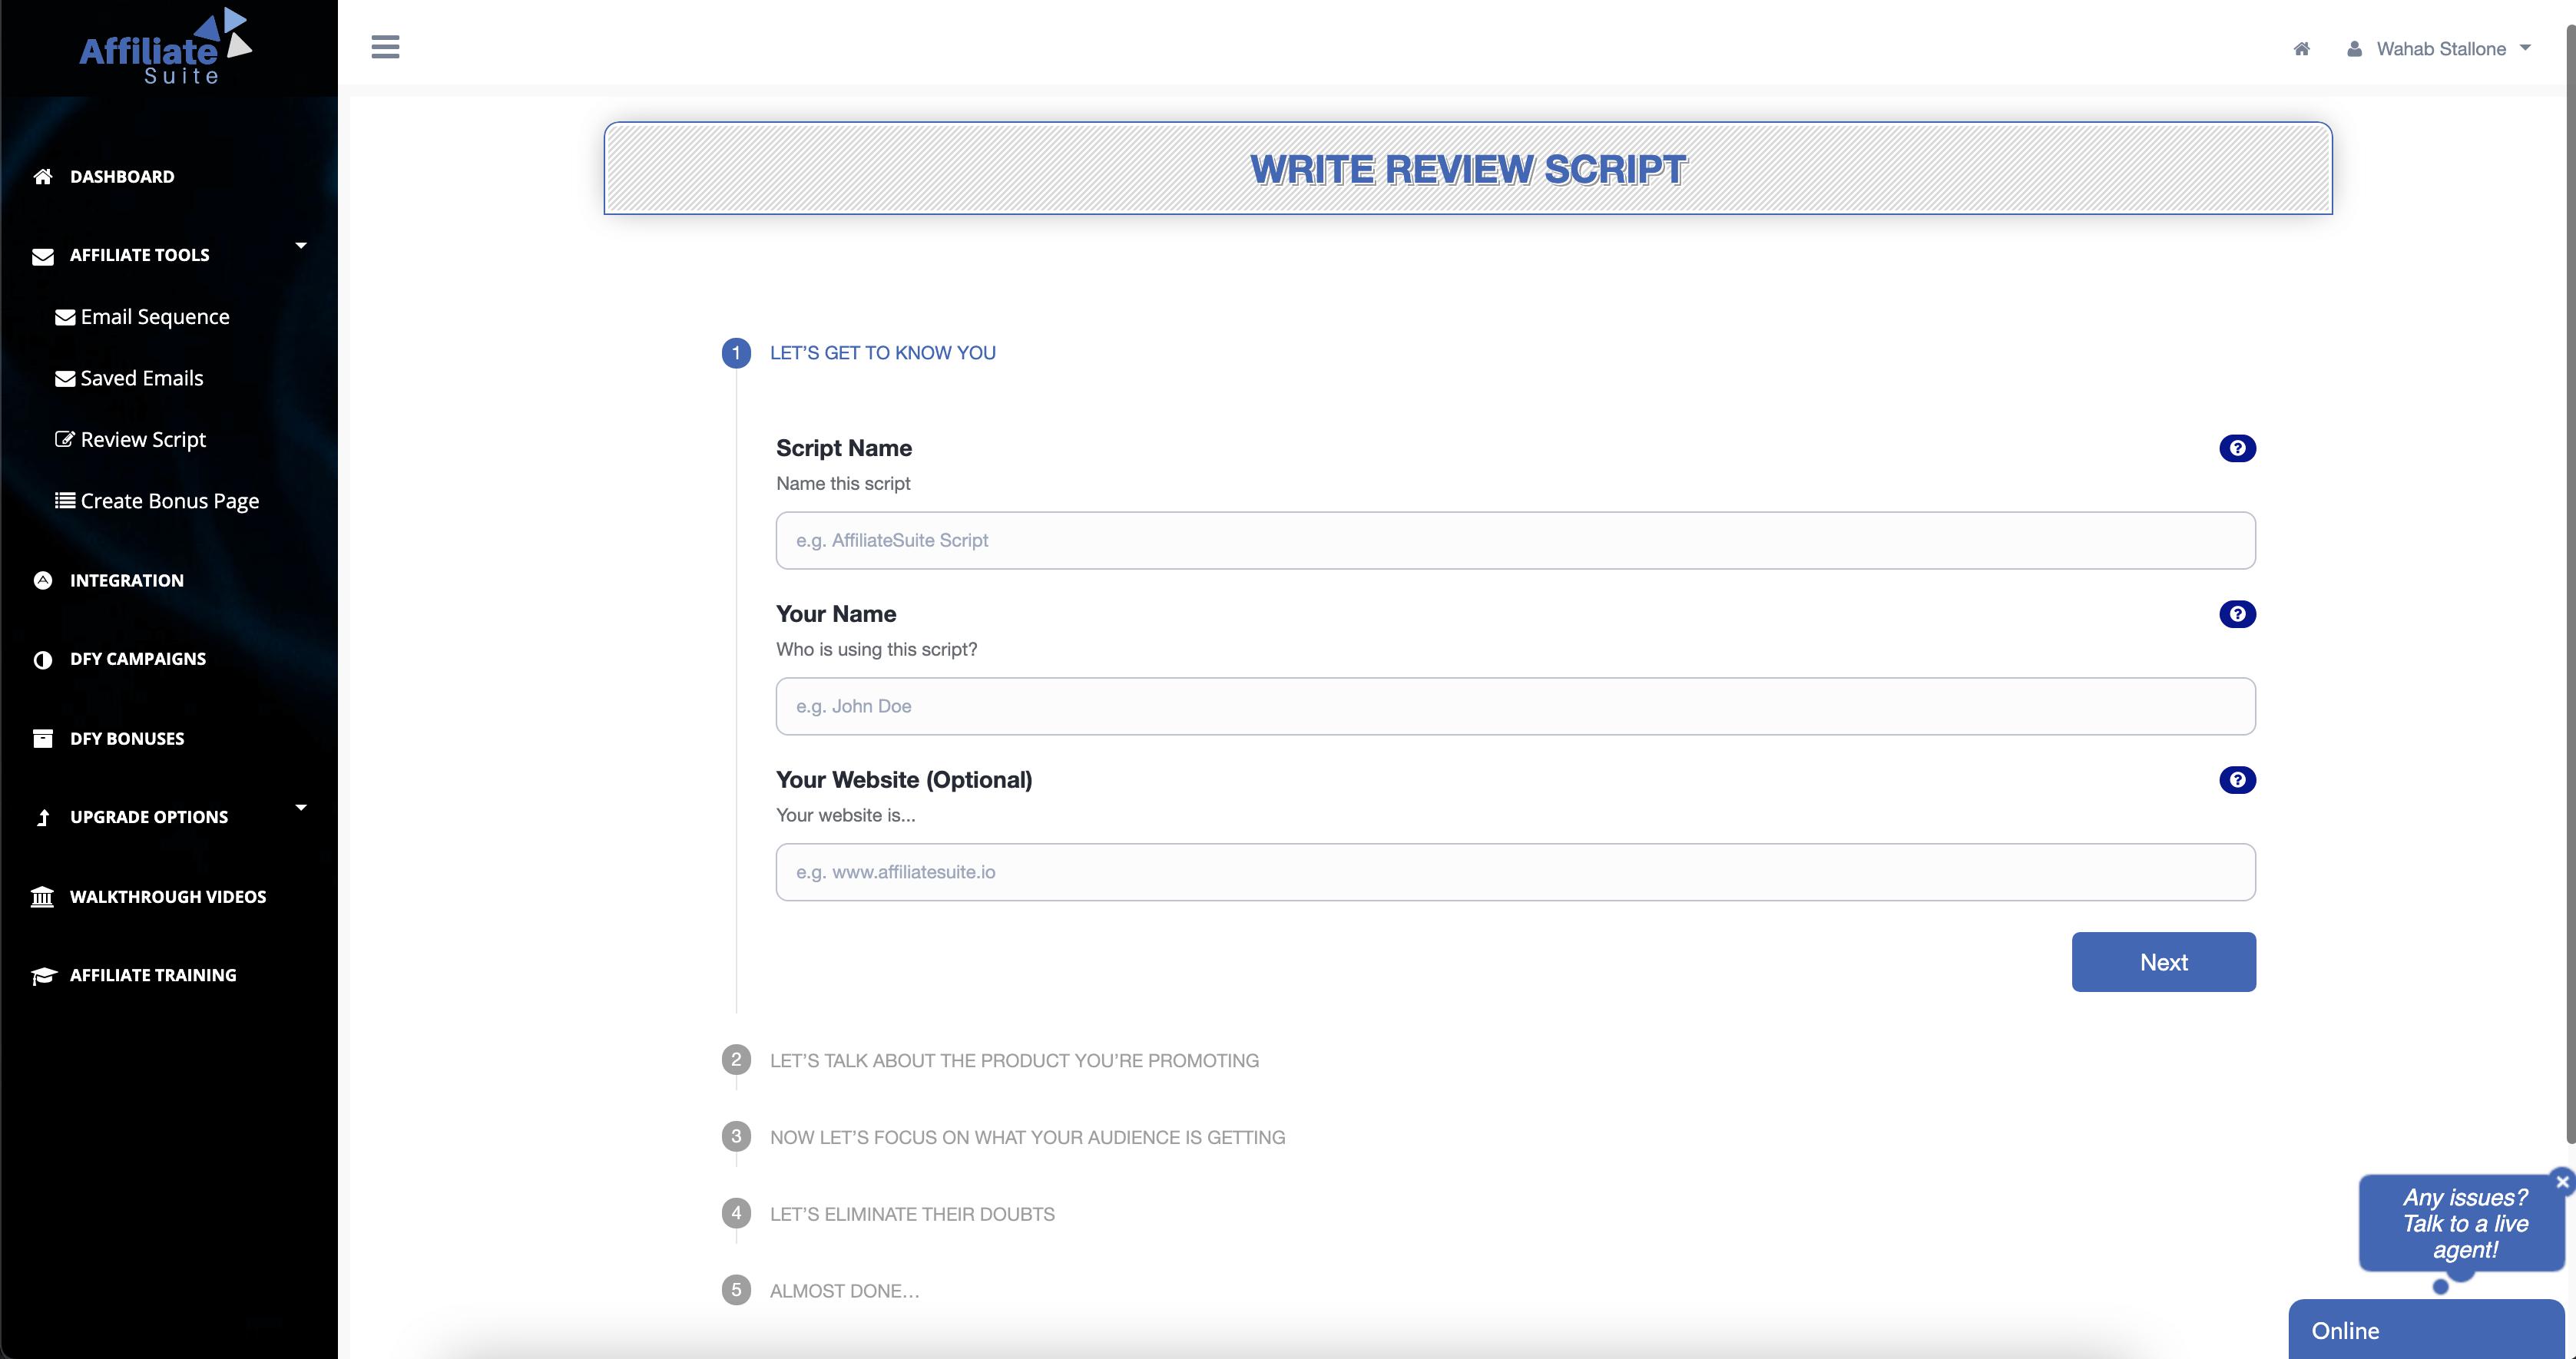 AffiliateSuite-feature-1-write-scripts